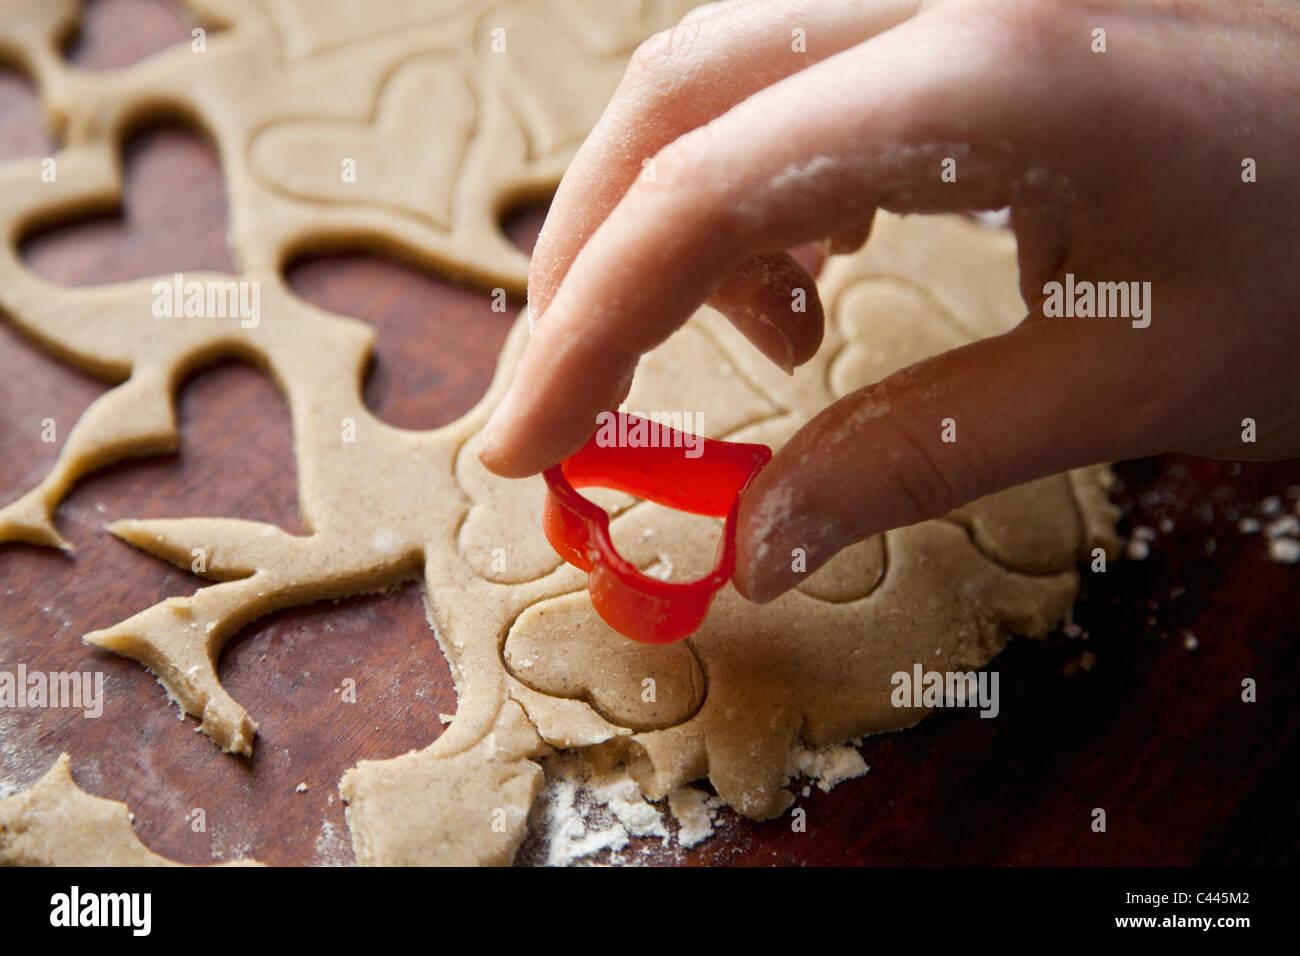 Dettaglio di una mano utilizzando una forma di cuore cookie cutter Foto Stock